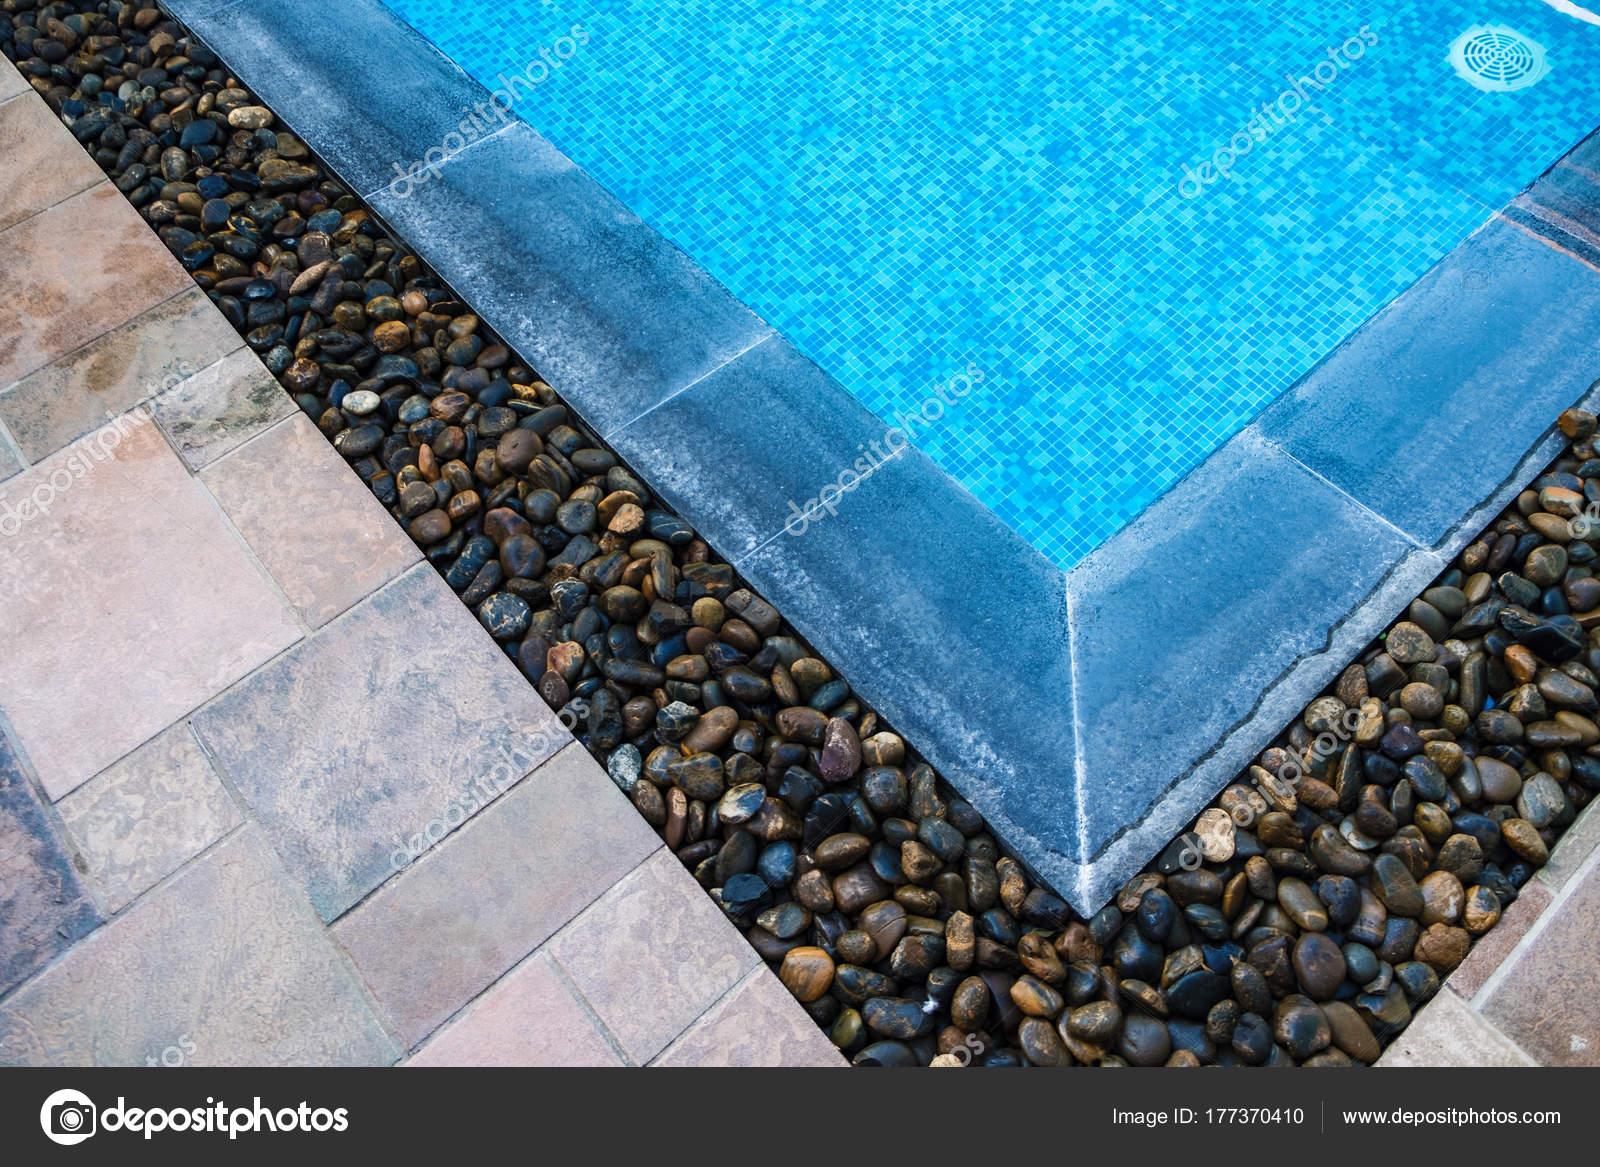 Bordo della piscina con piastrelle a mosaico blu nella parte